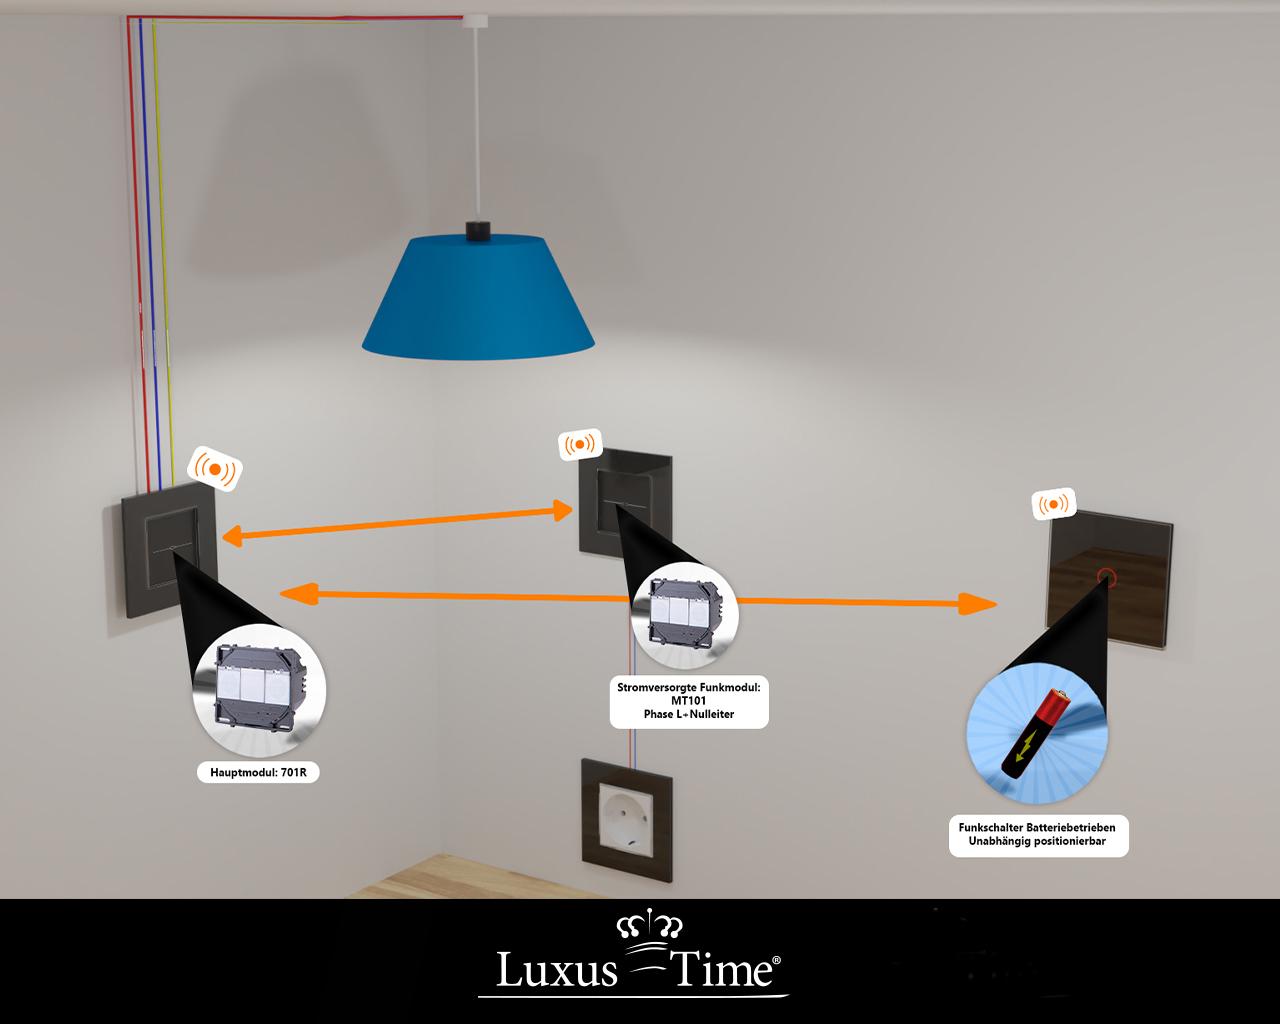 lichtschalter-mit-funksteckdosendxEBl4Xe27I9Y